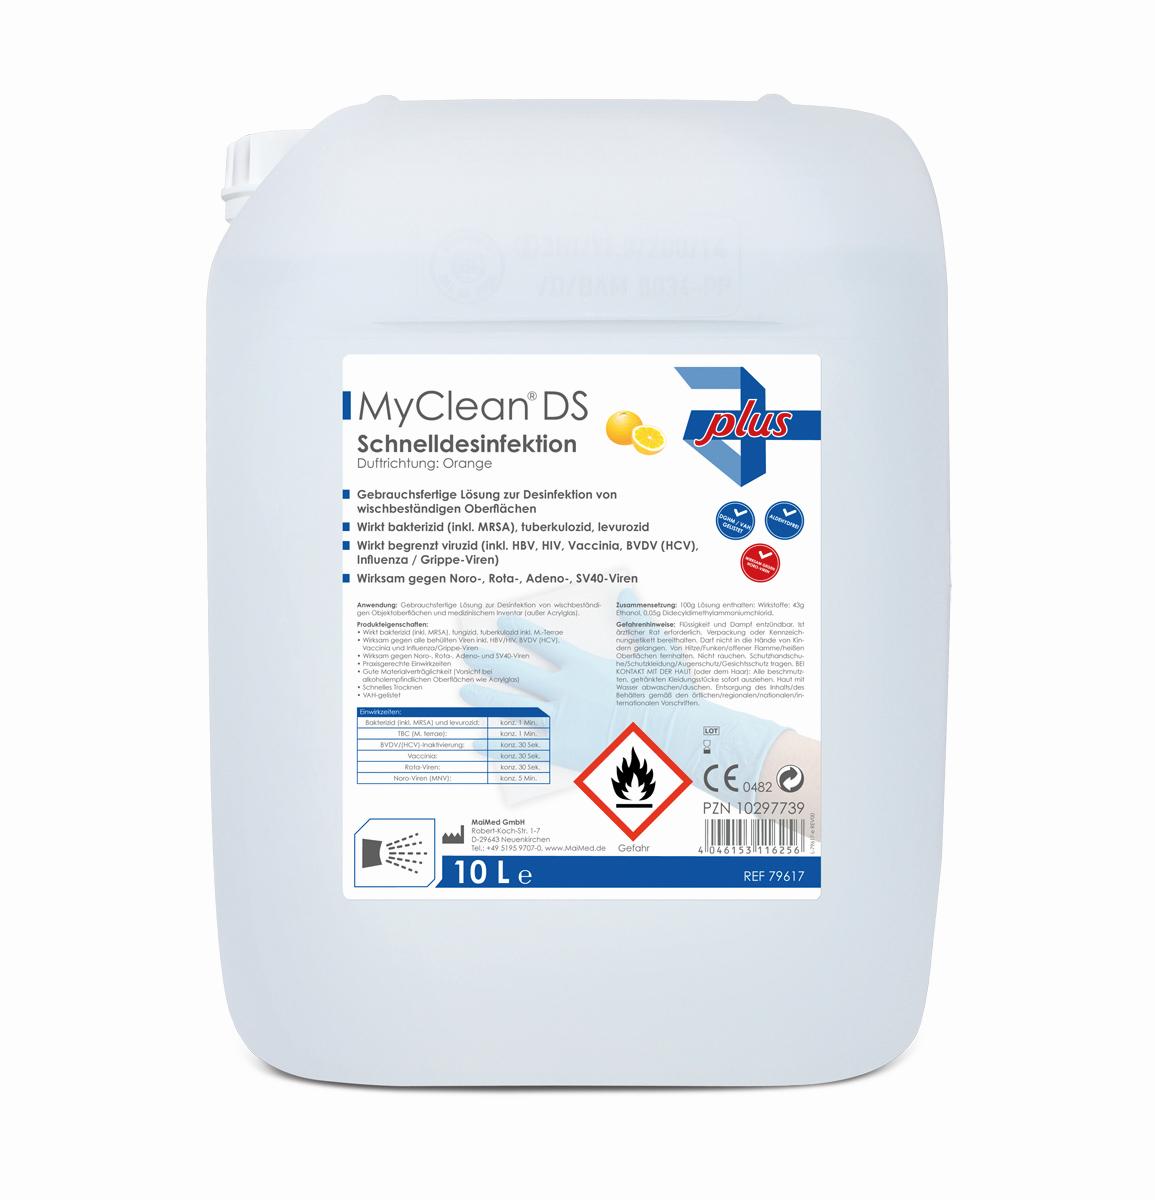 MaiMed MyClean DS Schnelldesinfektion 10 Liter (verschiedene Düfte)